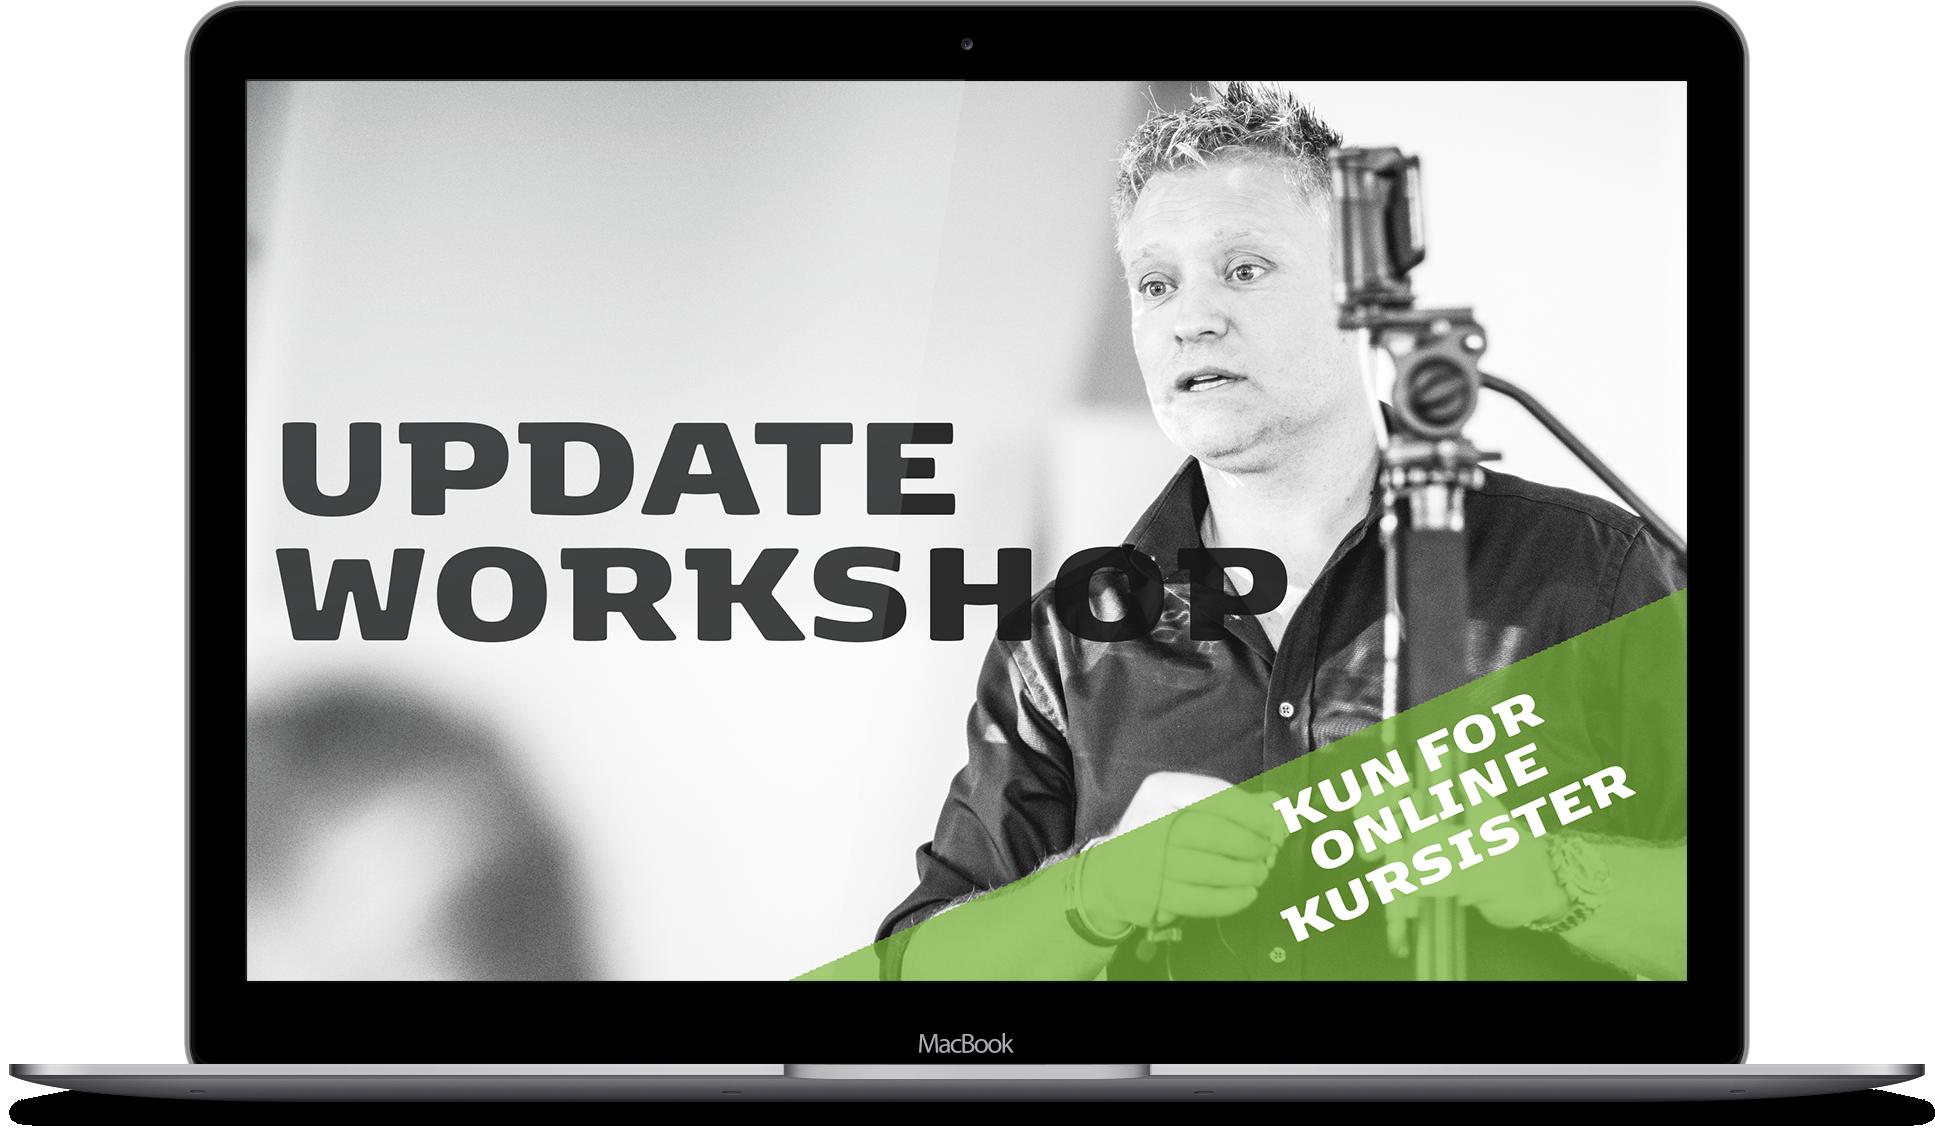 UPDATE_WORKSHOP.png